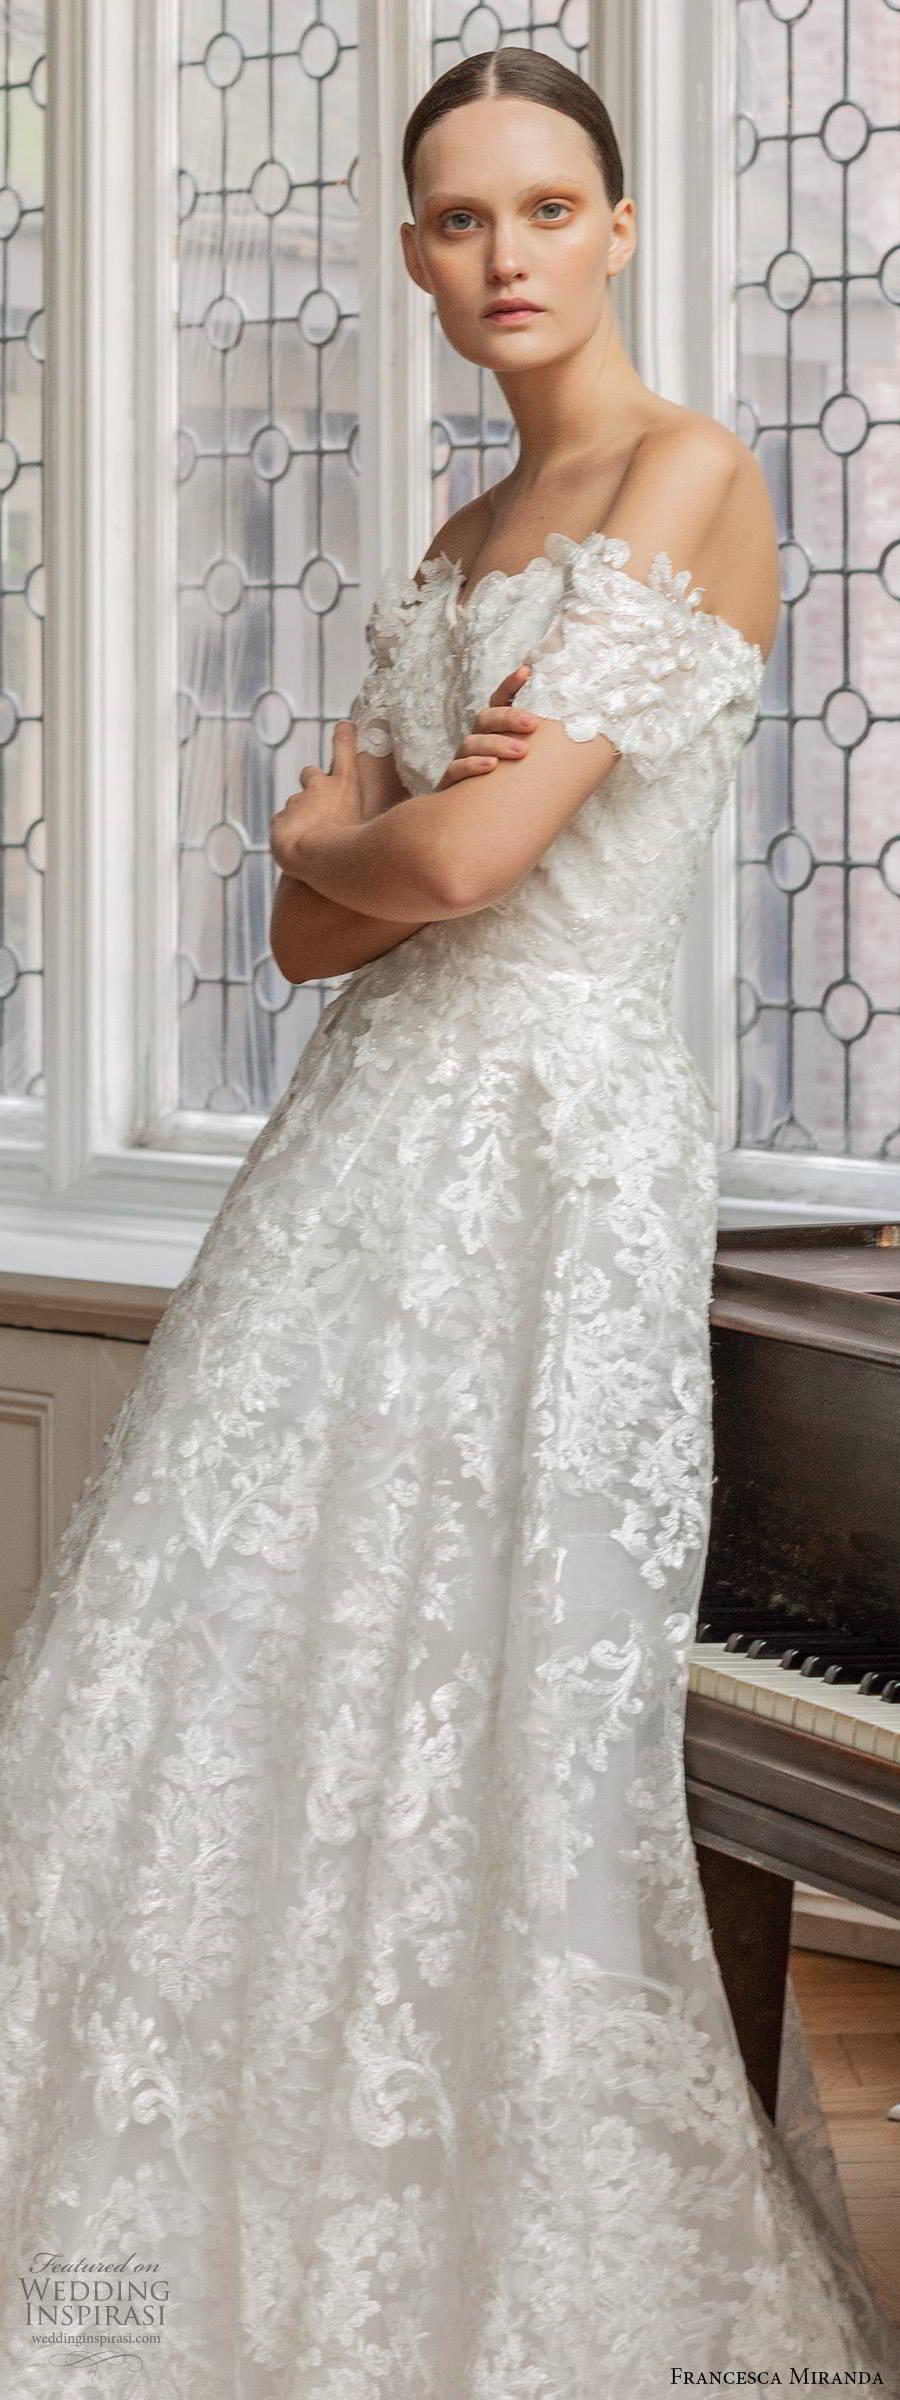 francesca miranda spring 2020 bridal off shoulder sweetheart neckline fully embellished lace a line ball gown wedding dress romantic elegant (6) lv